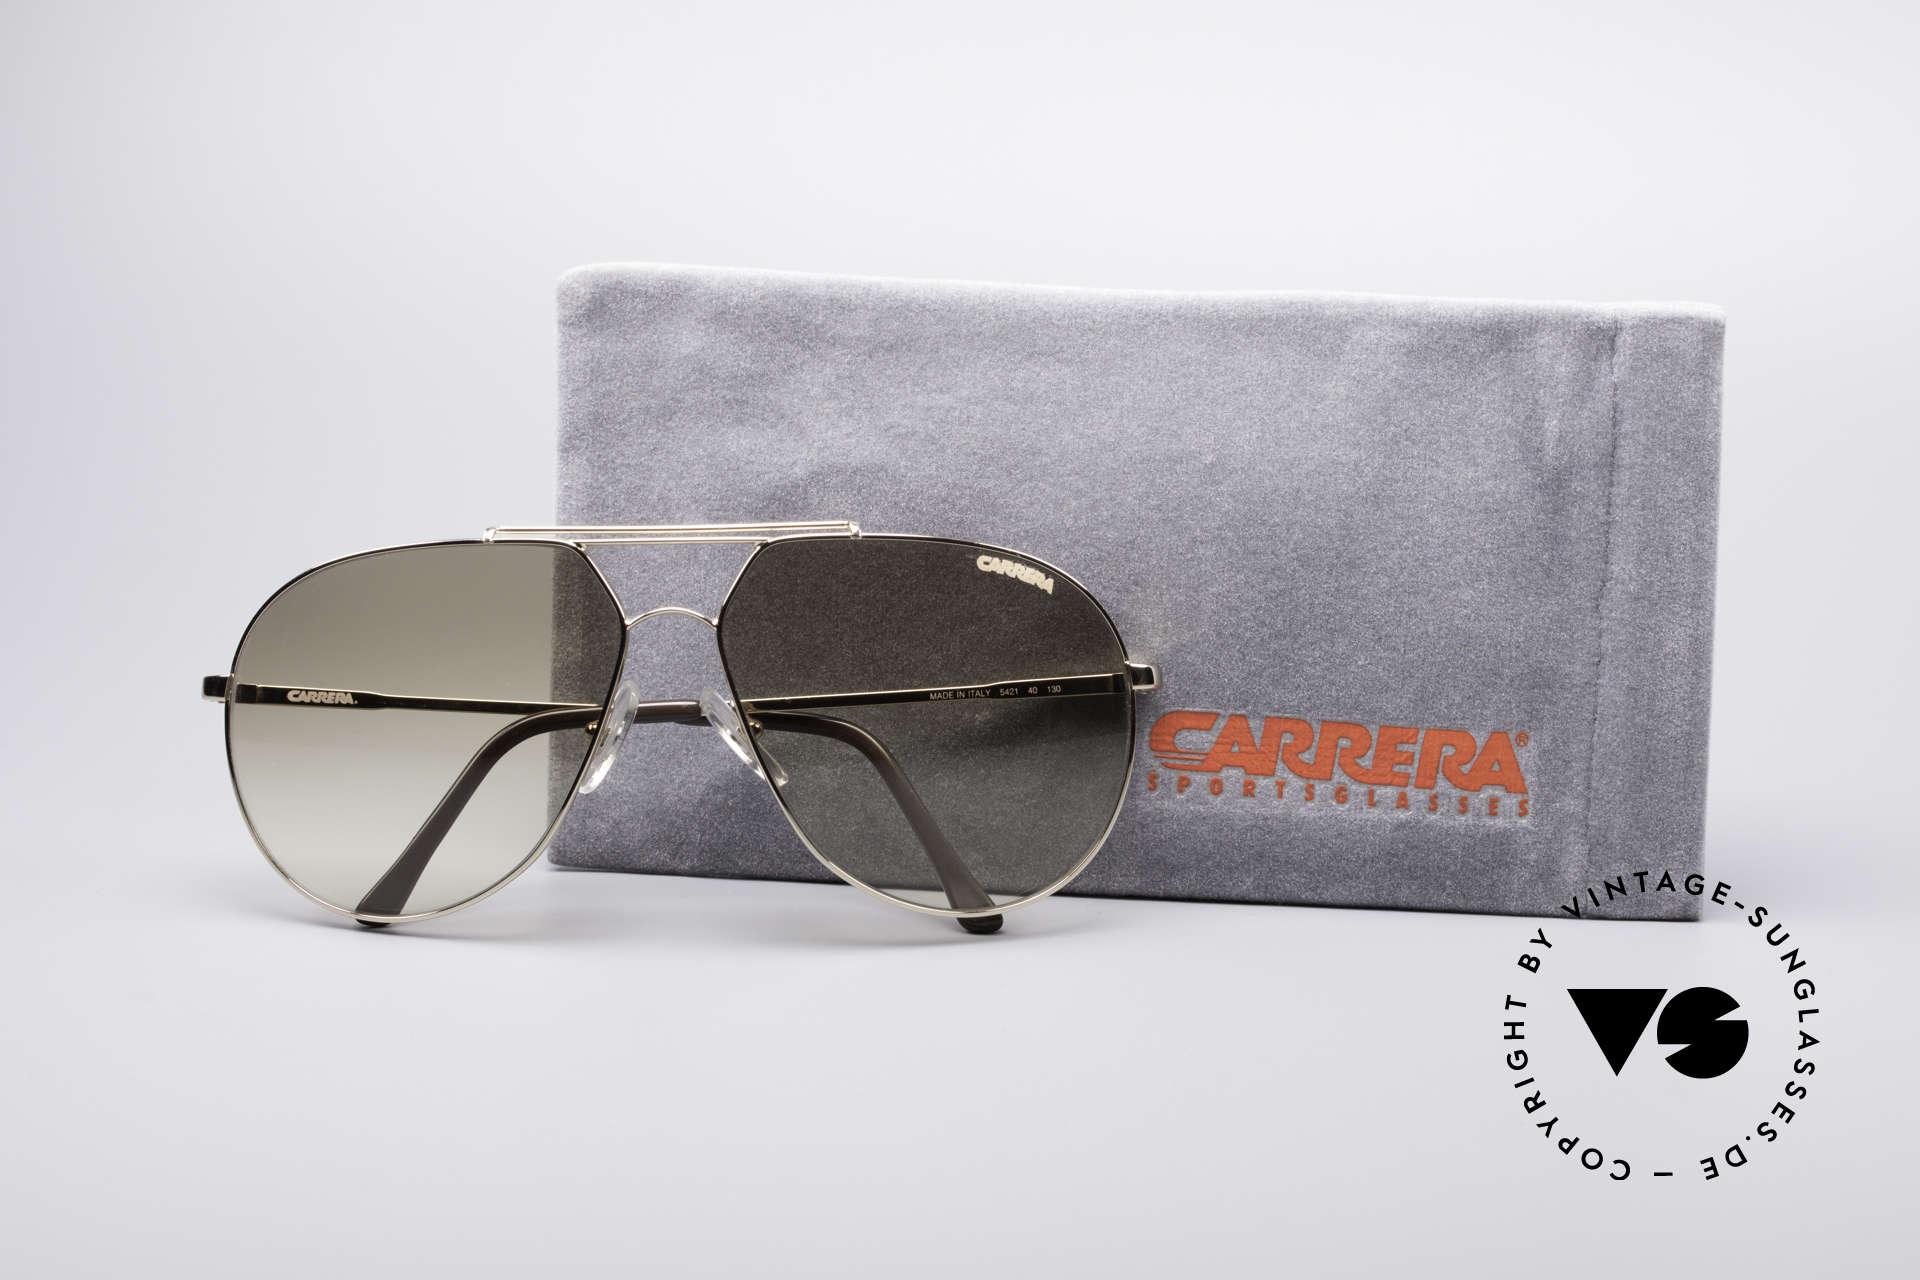 91b7785926cb6 Sonnenbrillen Carrera 5421 90er Piloten Sonnenbrille